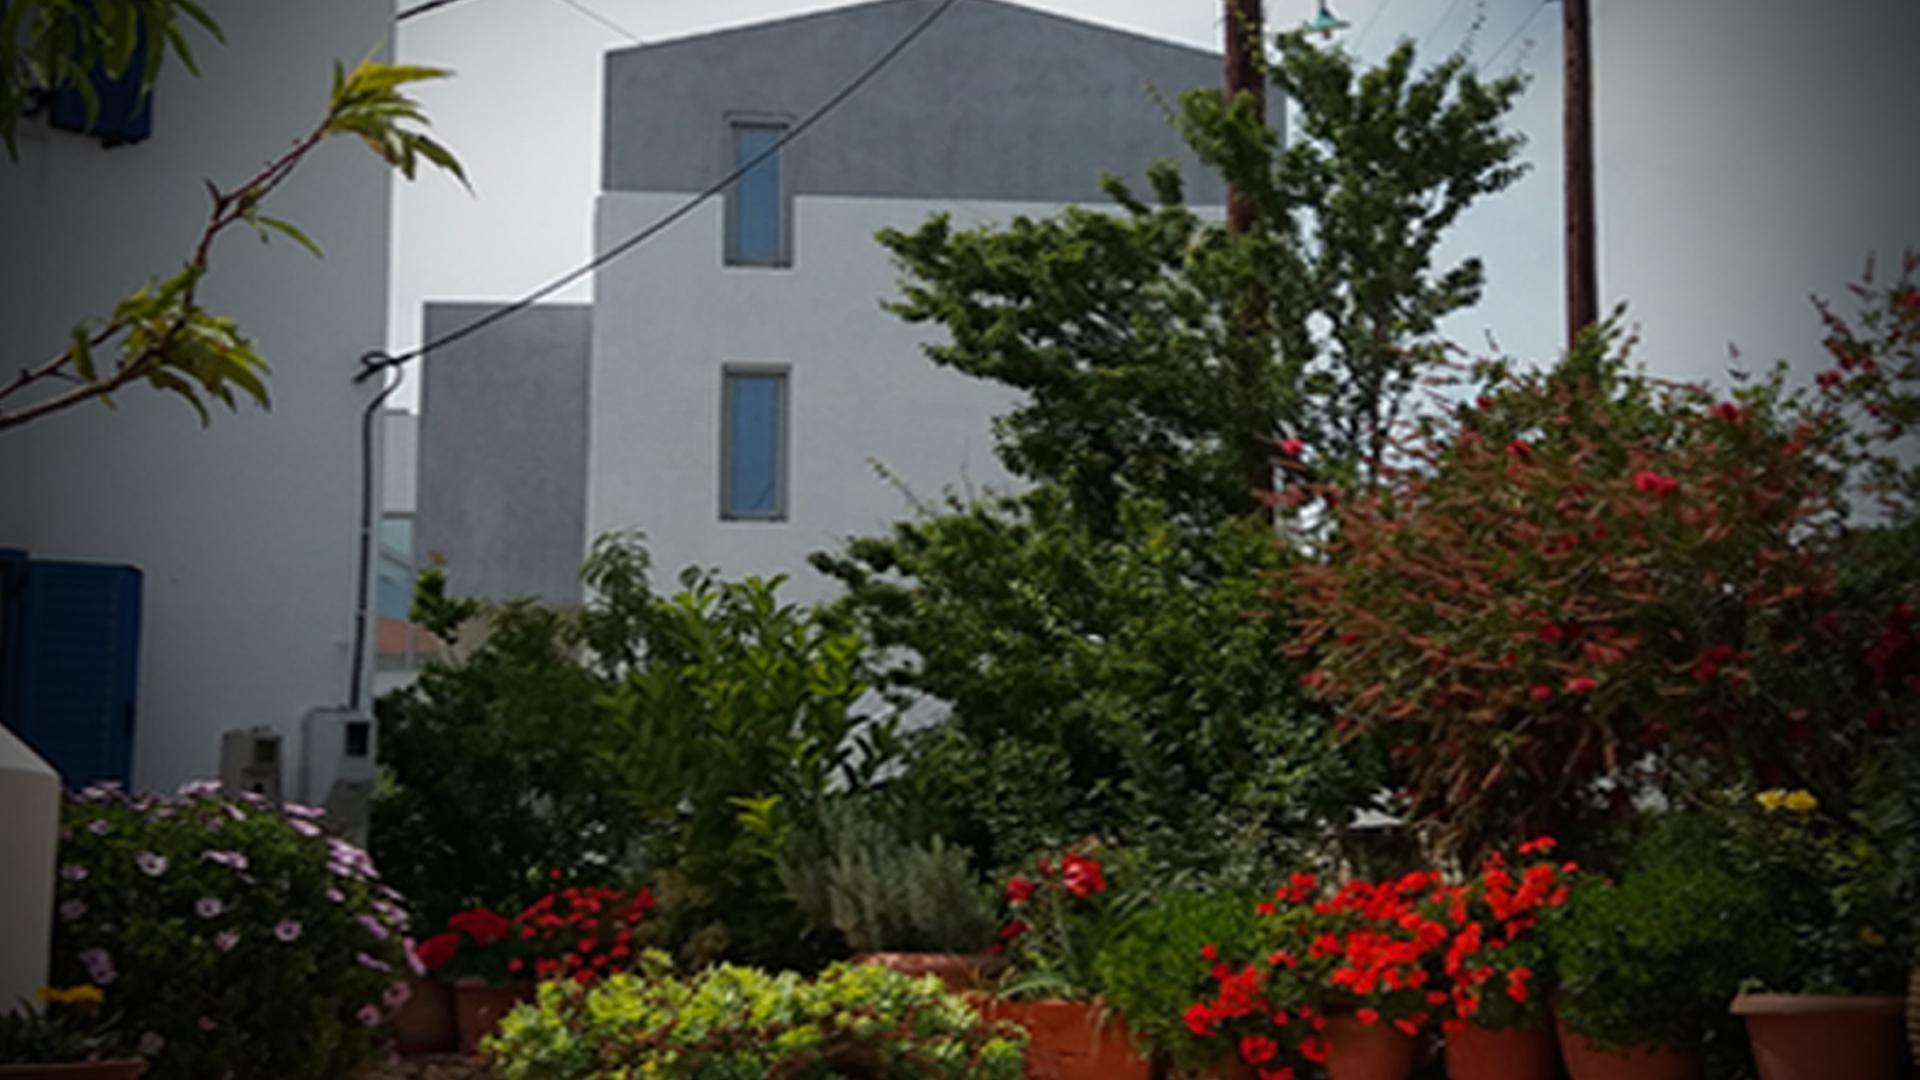 Lidea Guest House